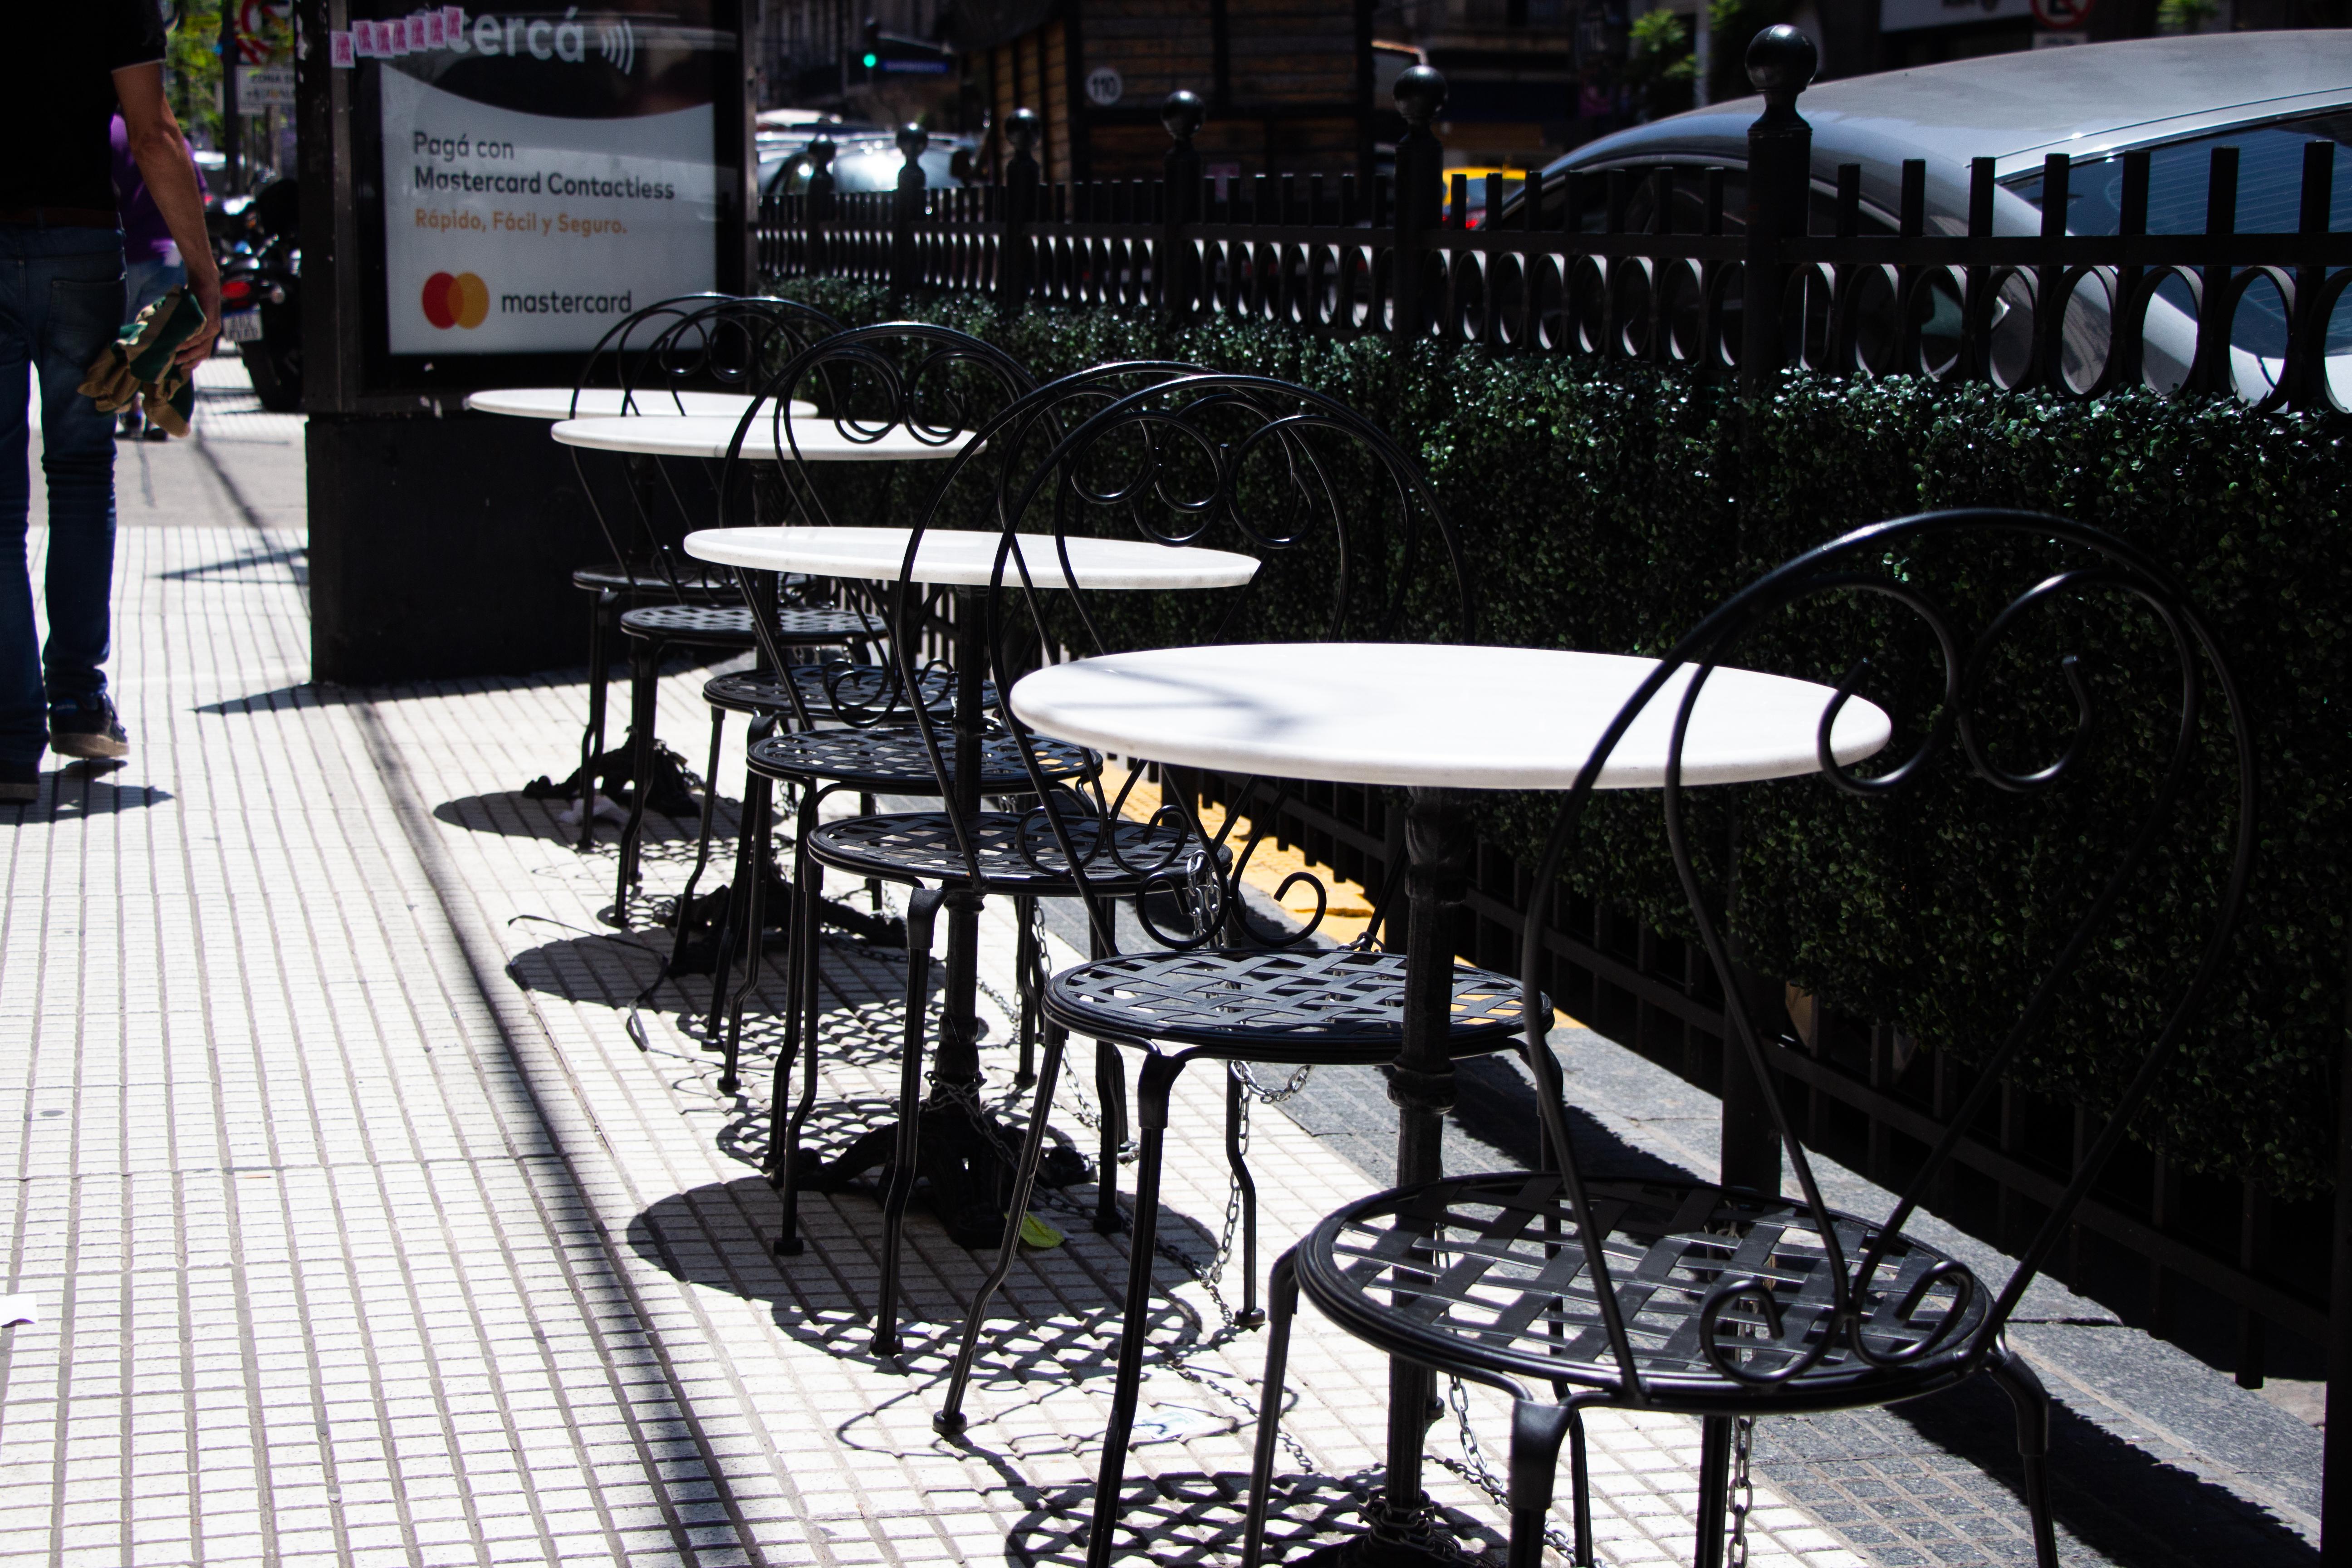 El local se encuentra en pleno Callao, una zona estratégica para aquellos amantes del teatro así como para los que están cerca de la zona del Congreso, y desean almorzar, tomar el té o cenar en uno de los lugares más emblemáticos de Buenos Aires